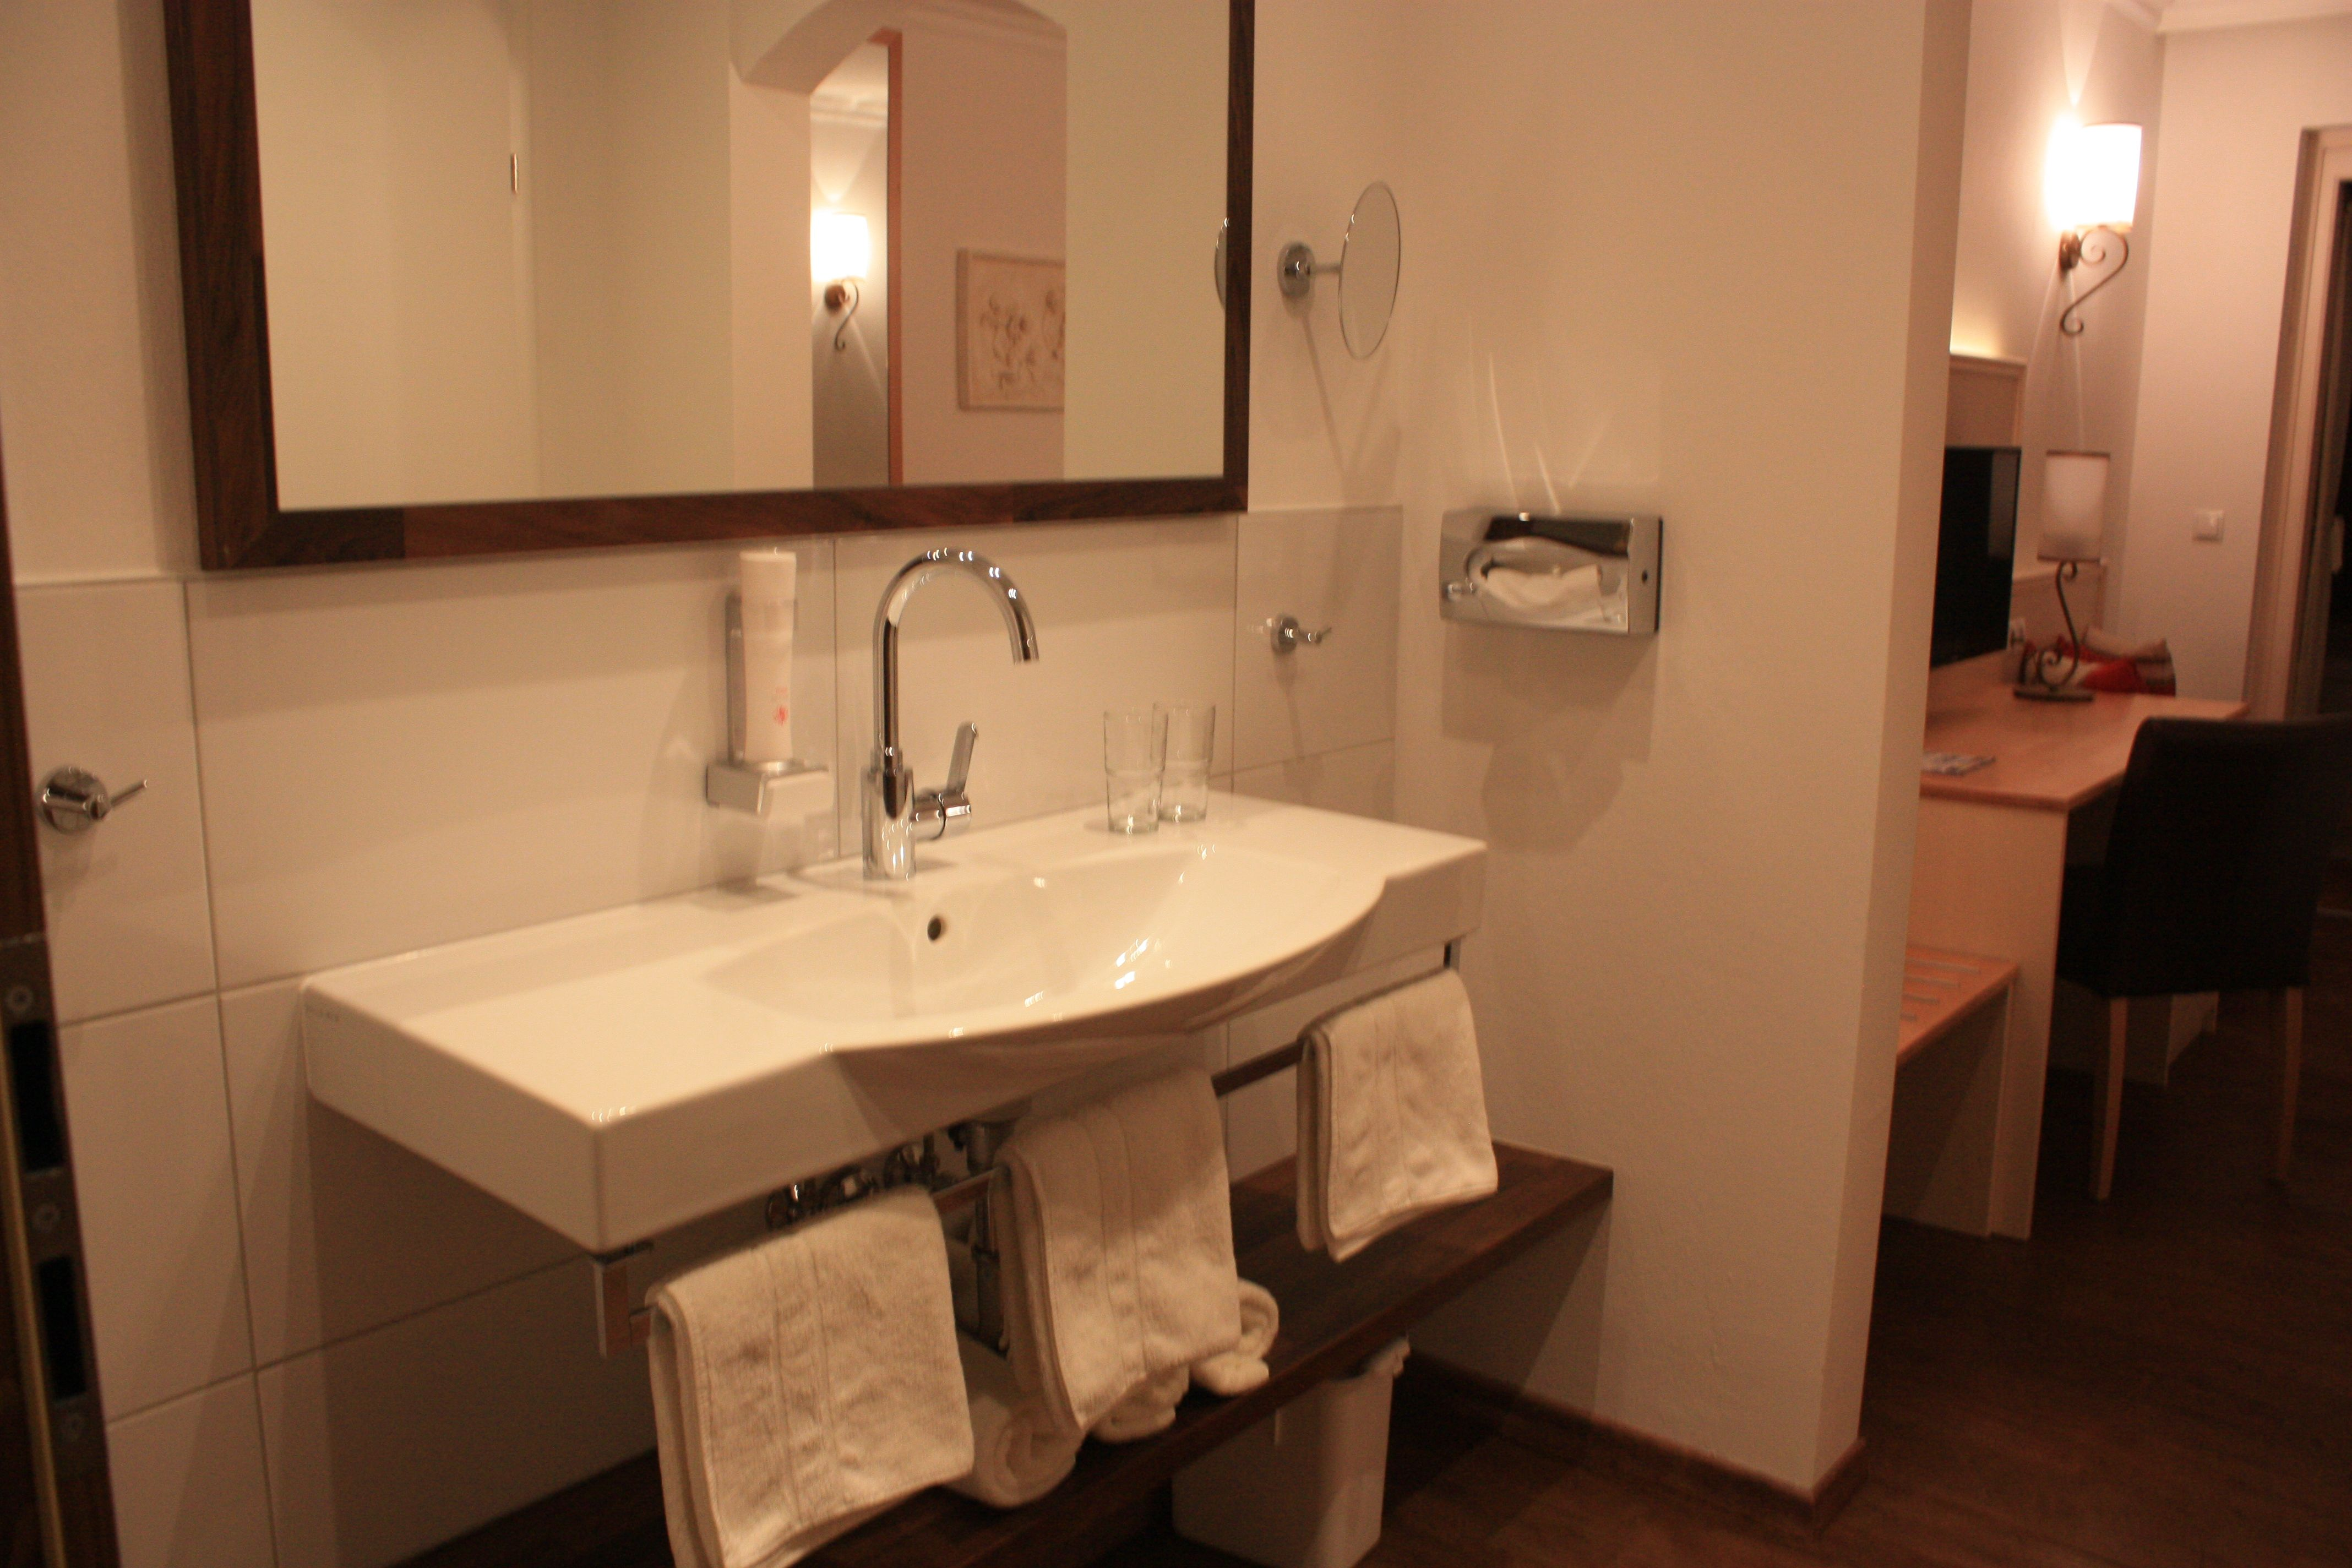 Waschtisch und Spiegel im Hotel Garni Sonnhof